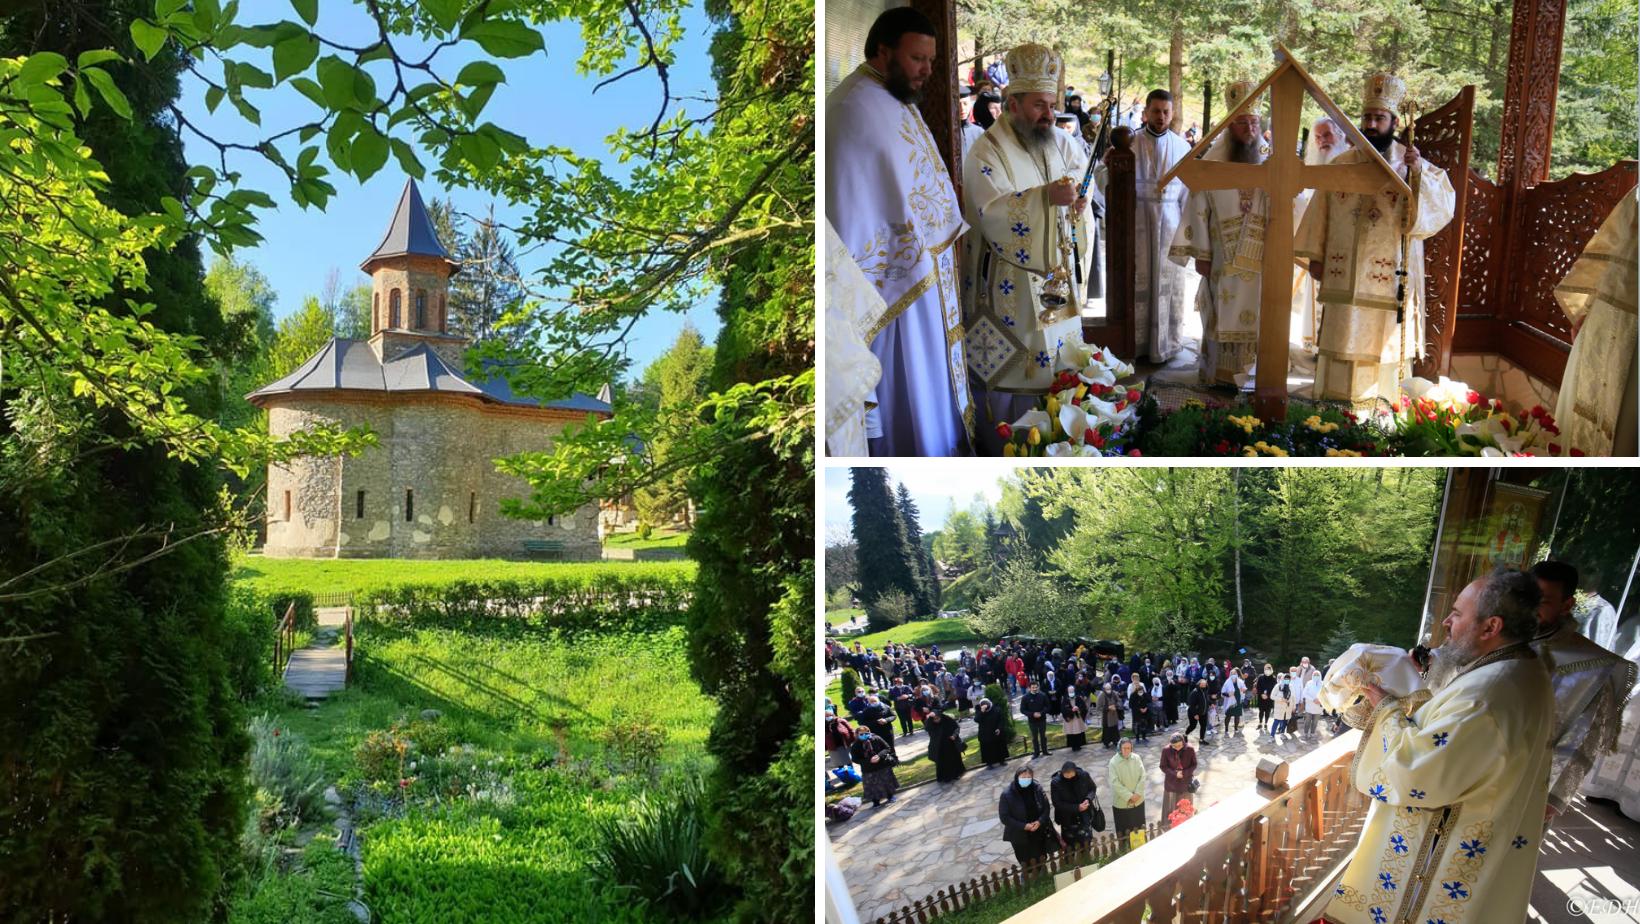 Pelerinii, din nou pe Calea Prislopului. Mănăstirea și-a sărbătorit astăzi hramul istoric